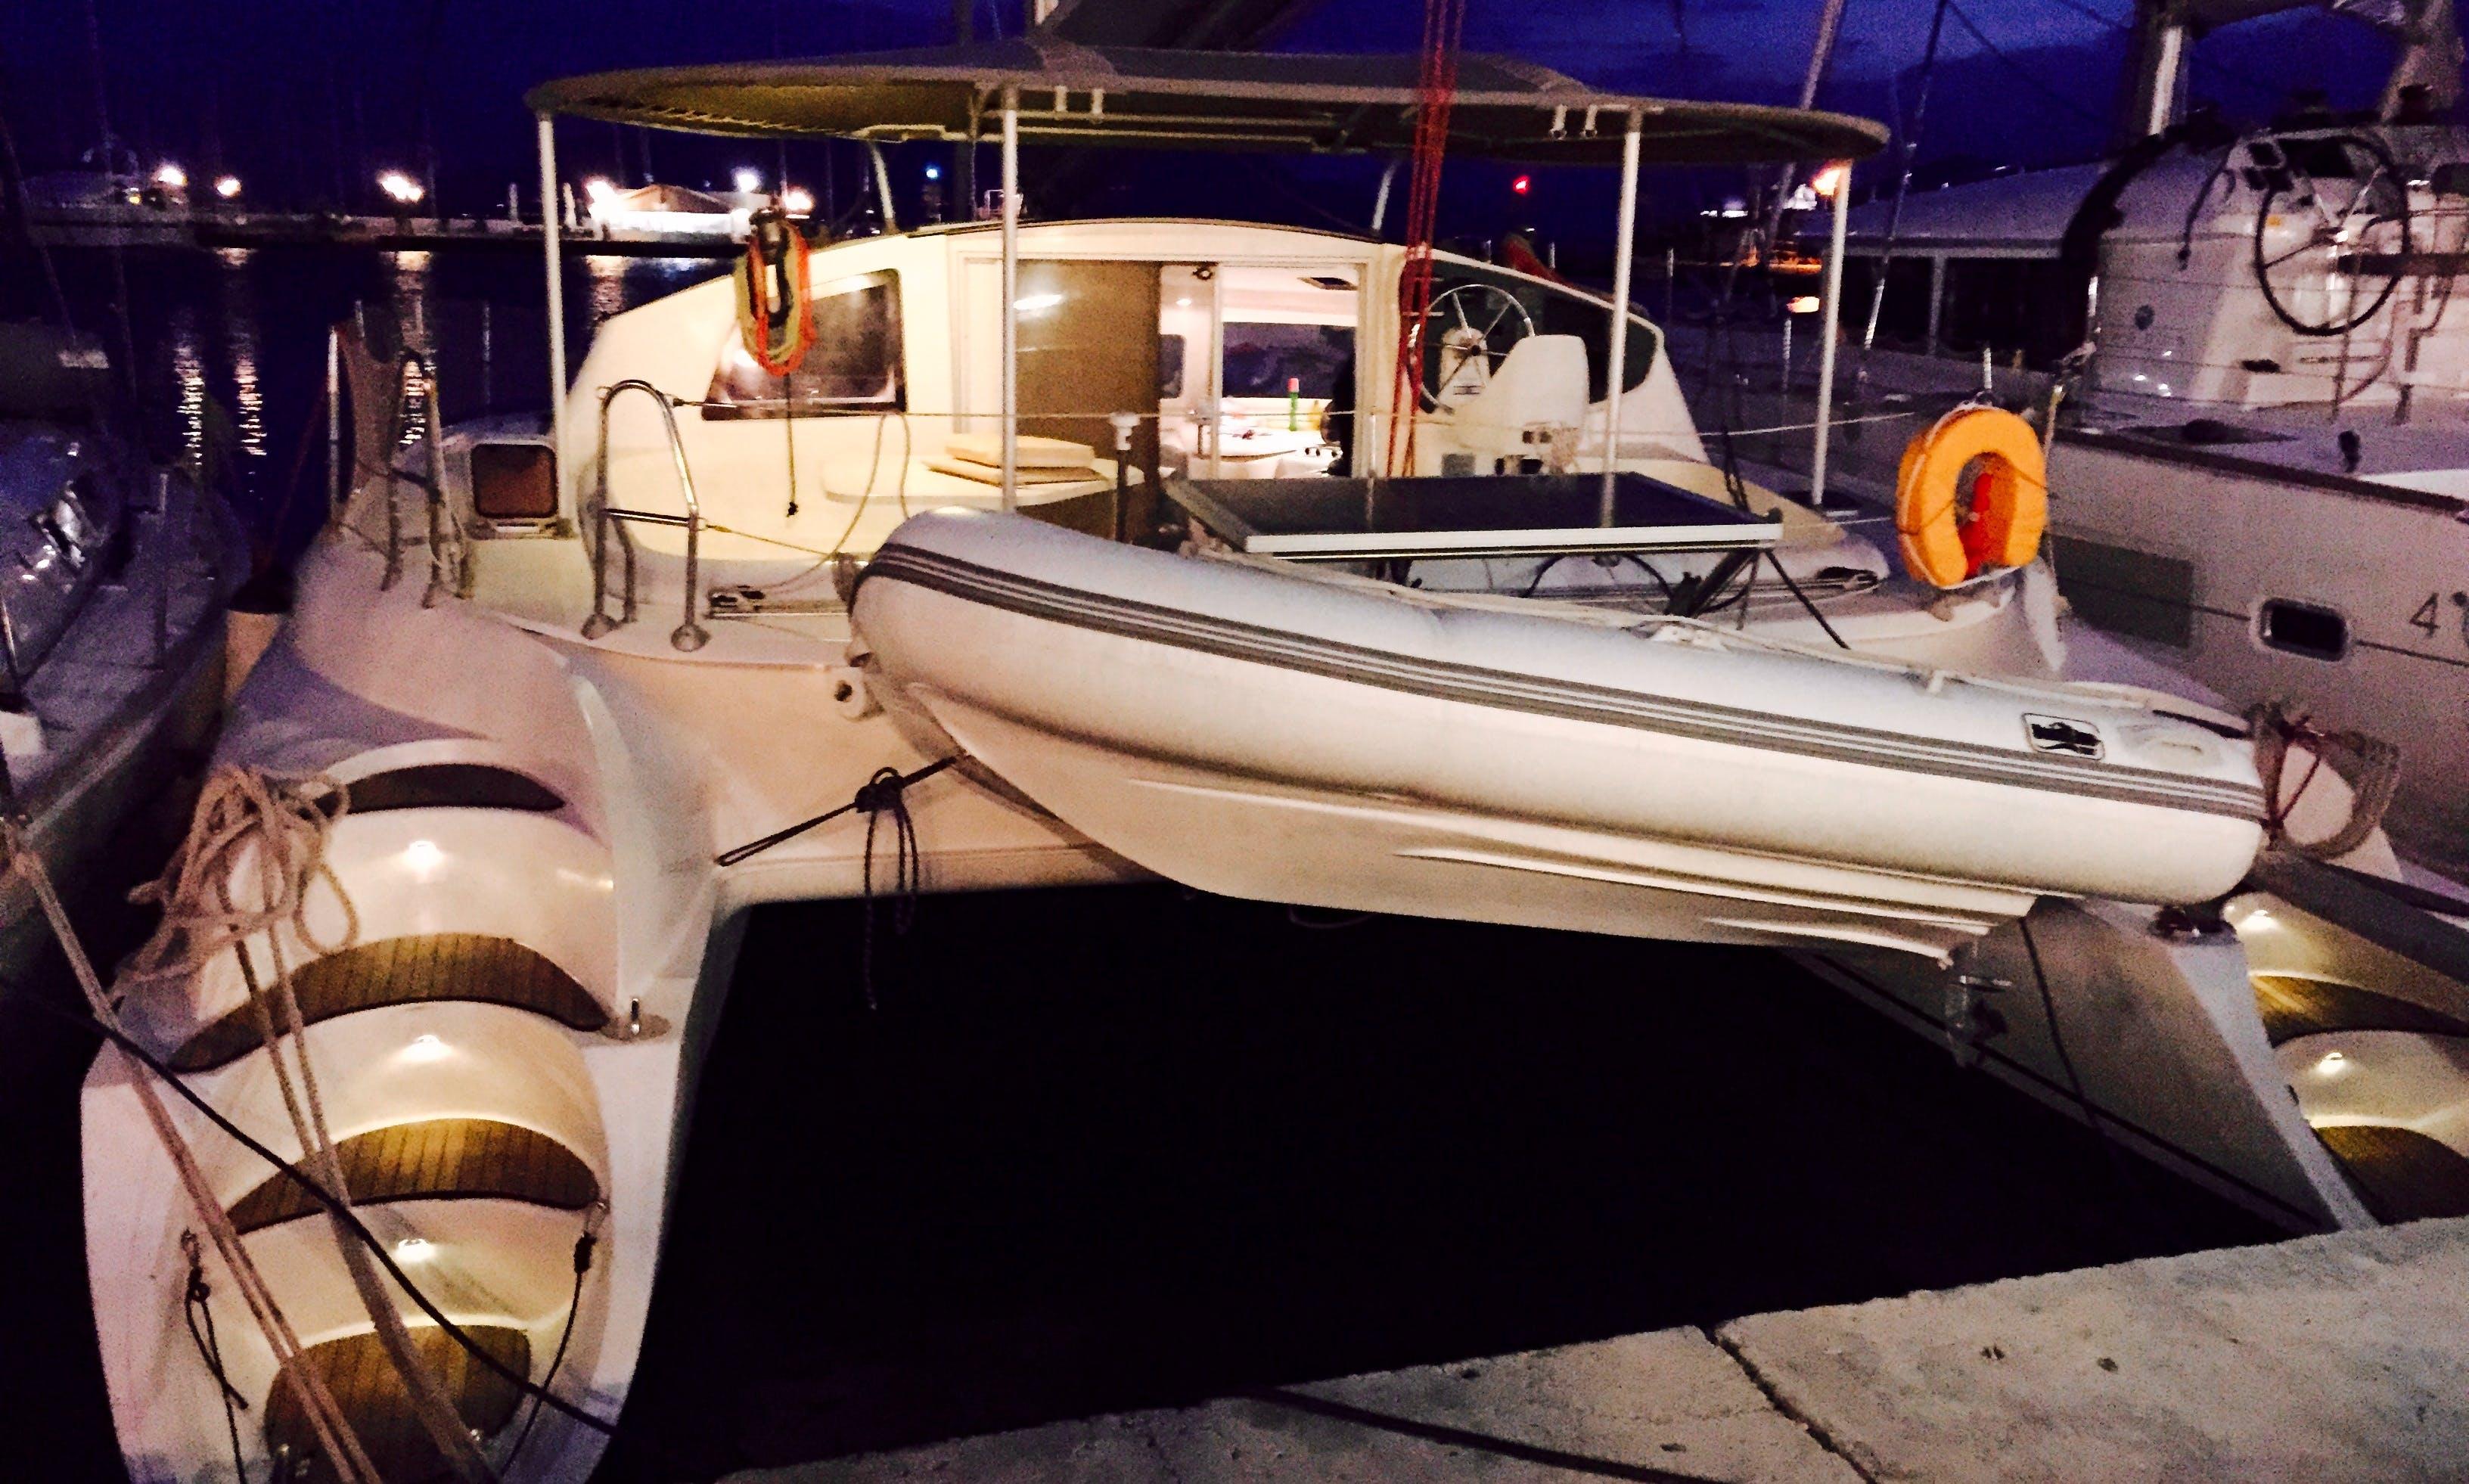 Fountain Pajot – Athena 38 Catamaran